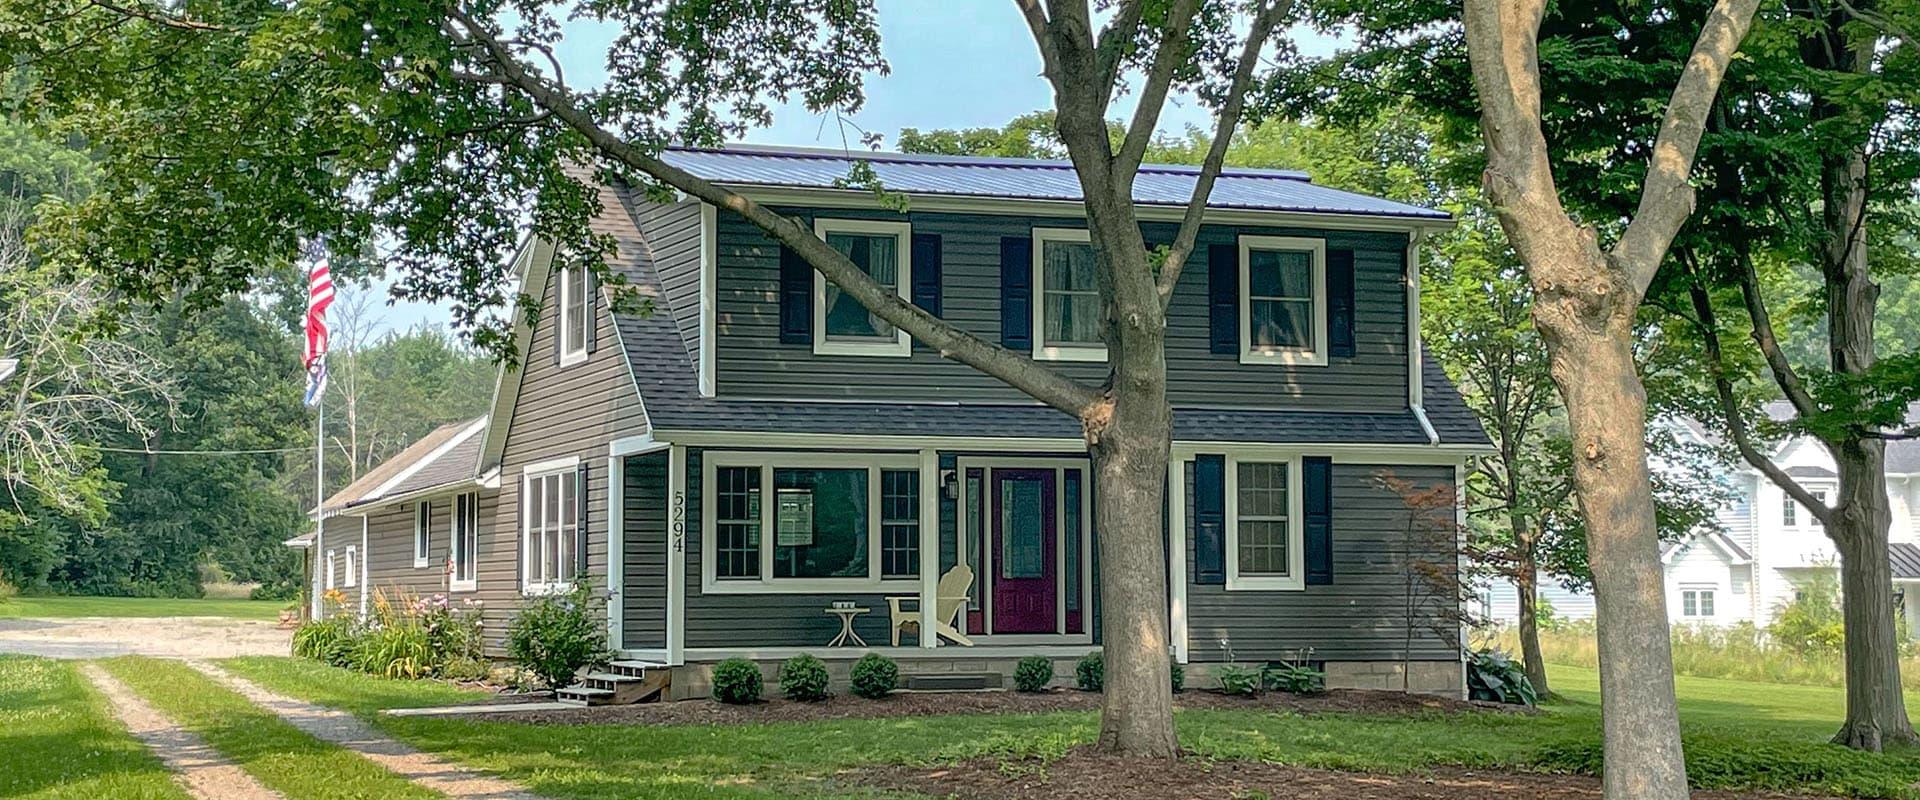 5294 Ellicott Road, Orchard Park, NY 14127